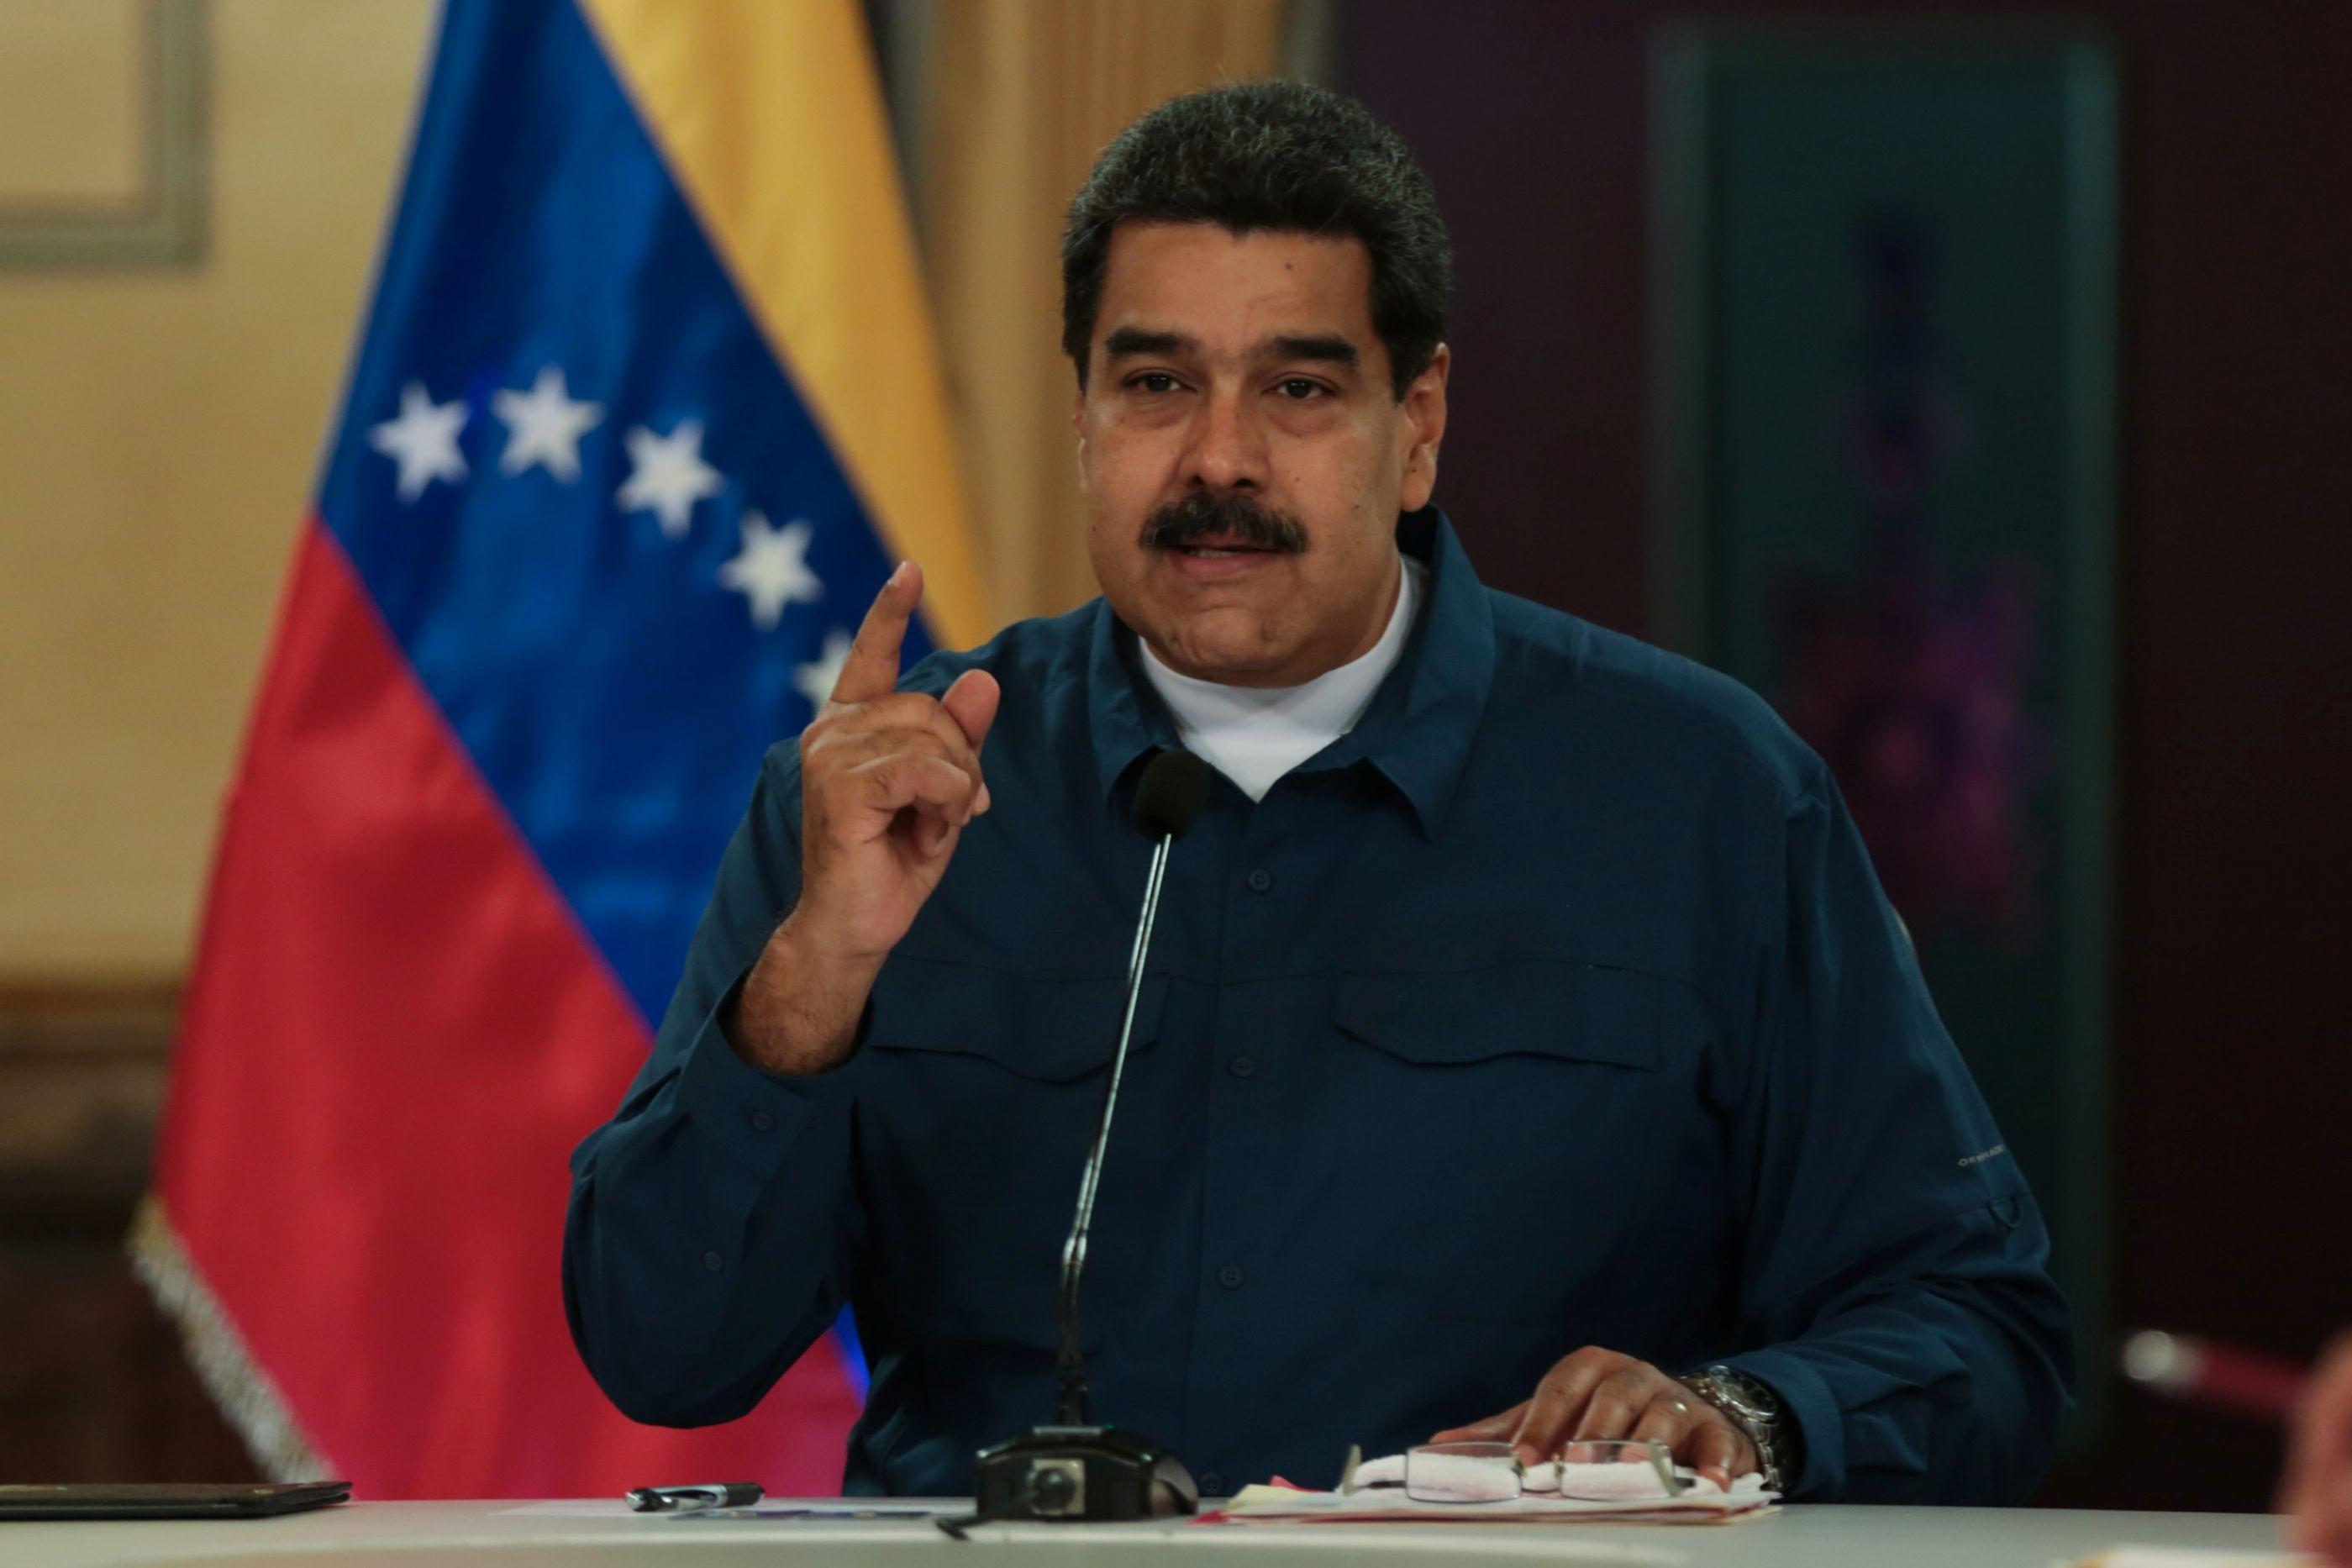 Nicolás Maduro rejeita convocar eleições ou abandonar o poder